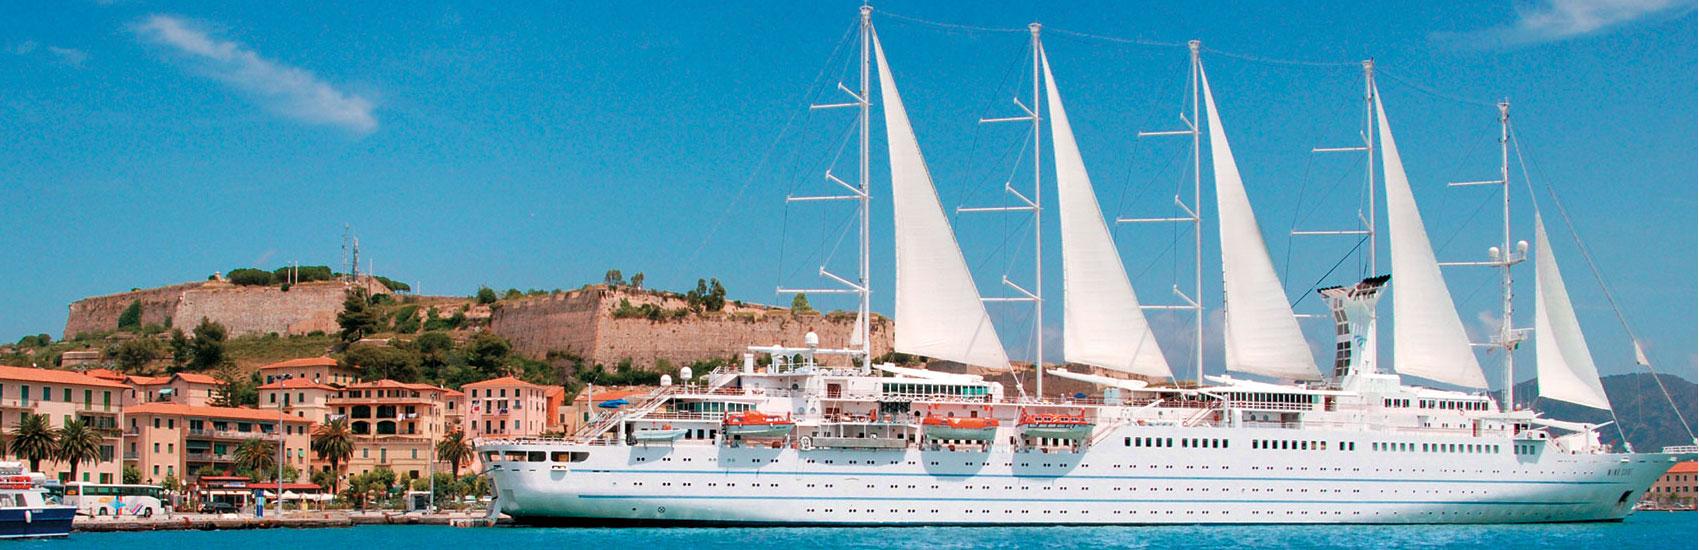 Small Ship, Big World Savings Event 1